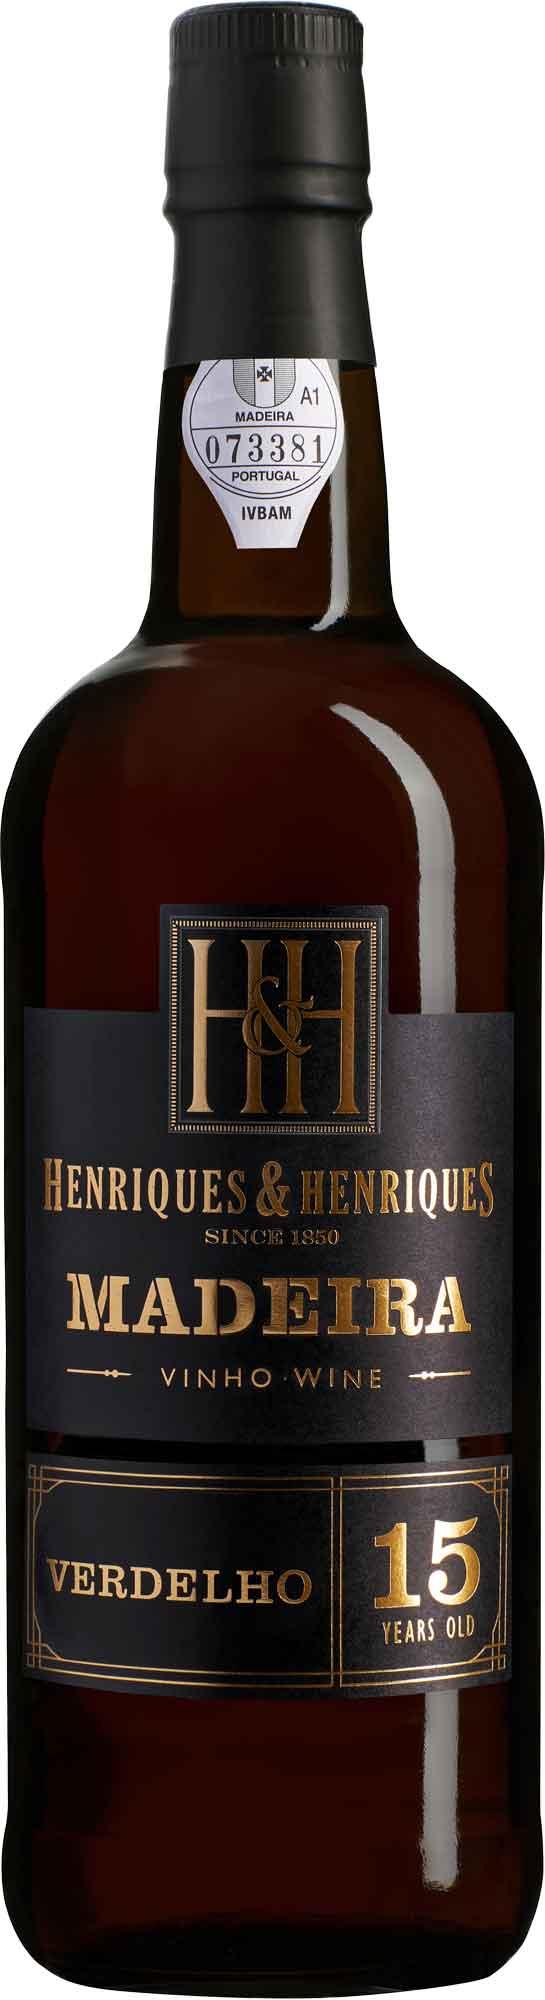 H&H Verdelho 15 Year Old Madeira